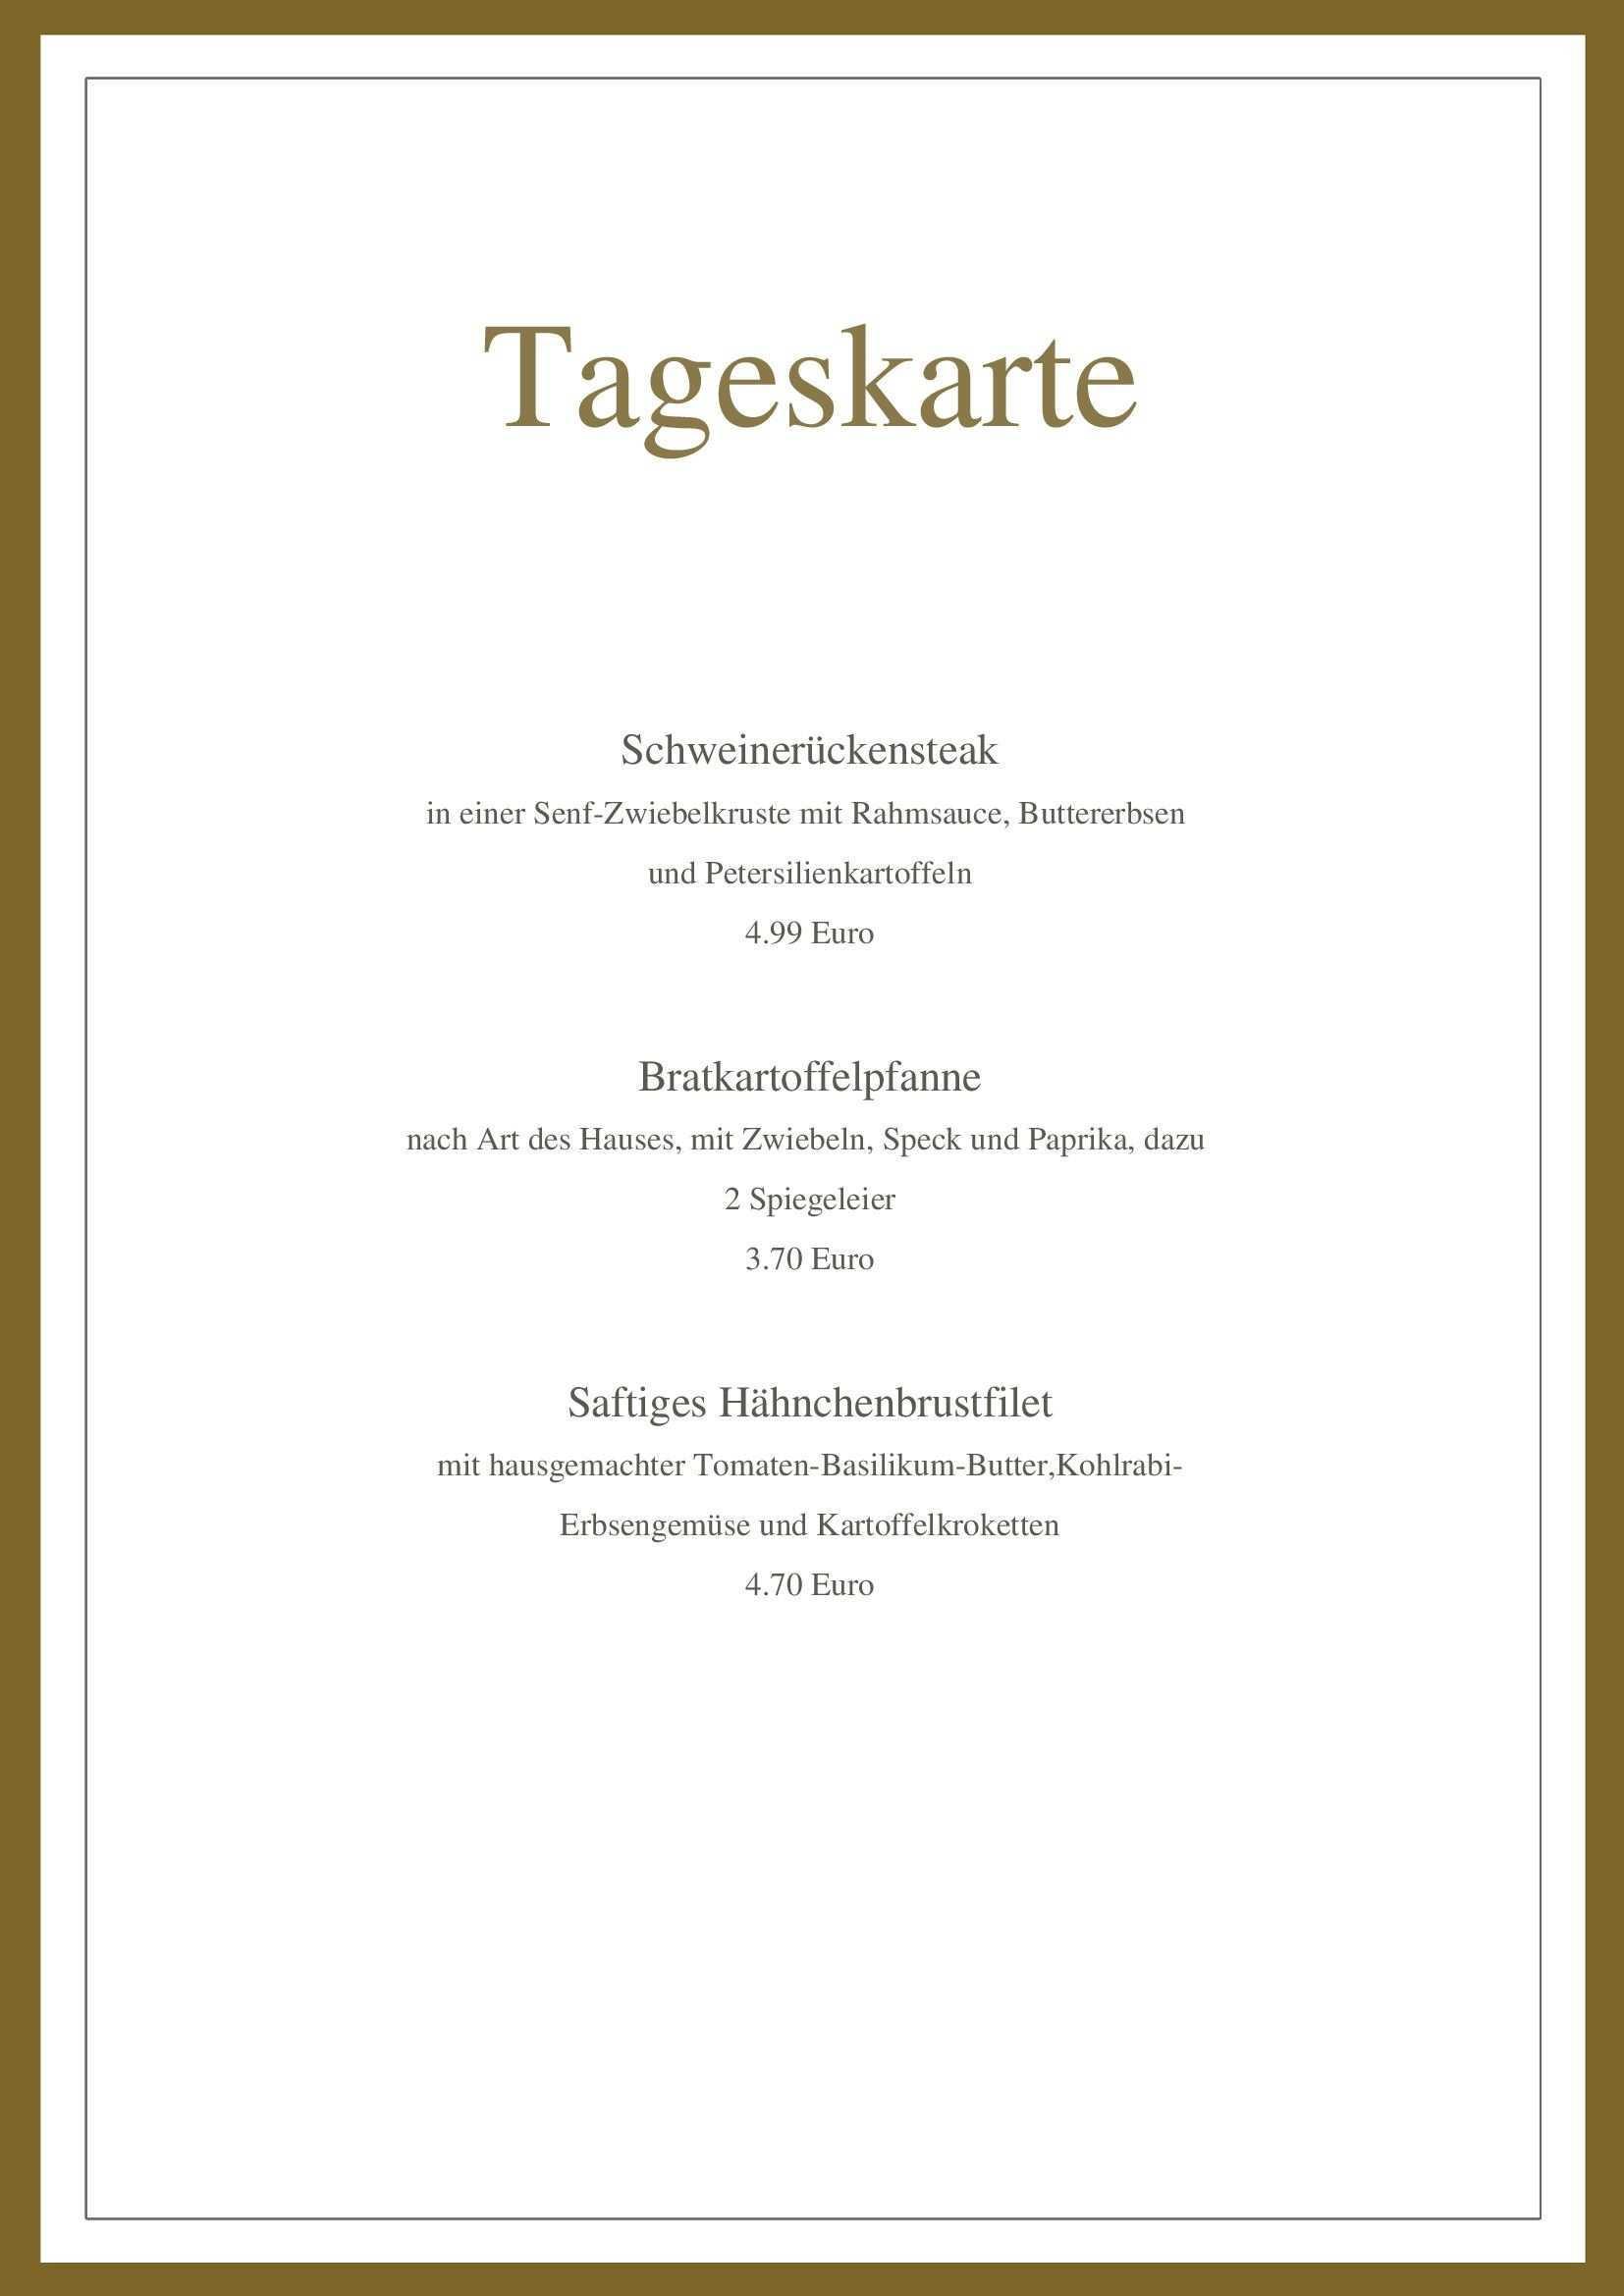 Free Restaurant Von Chris Auf 365layouts Speisekarte Menu Vorlage Rahmsauce